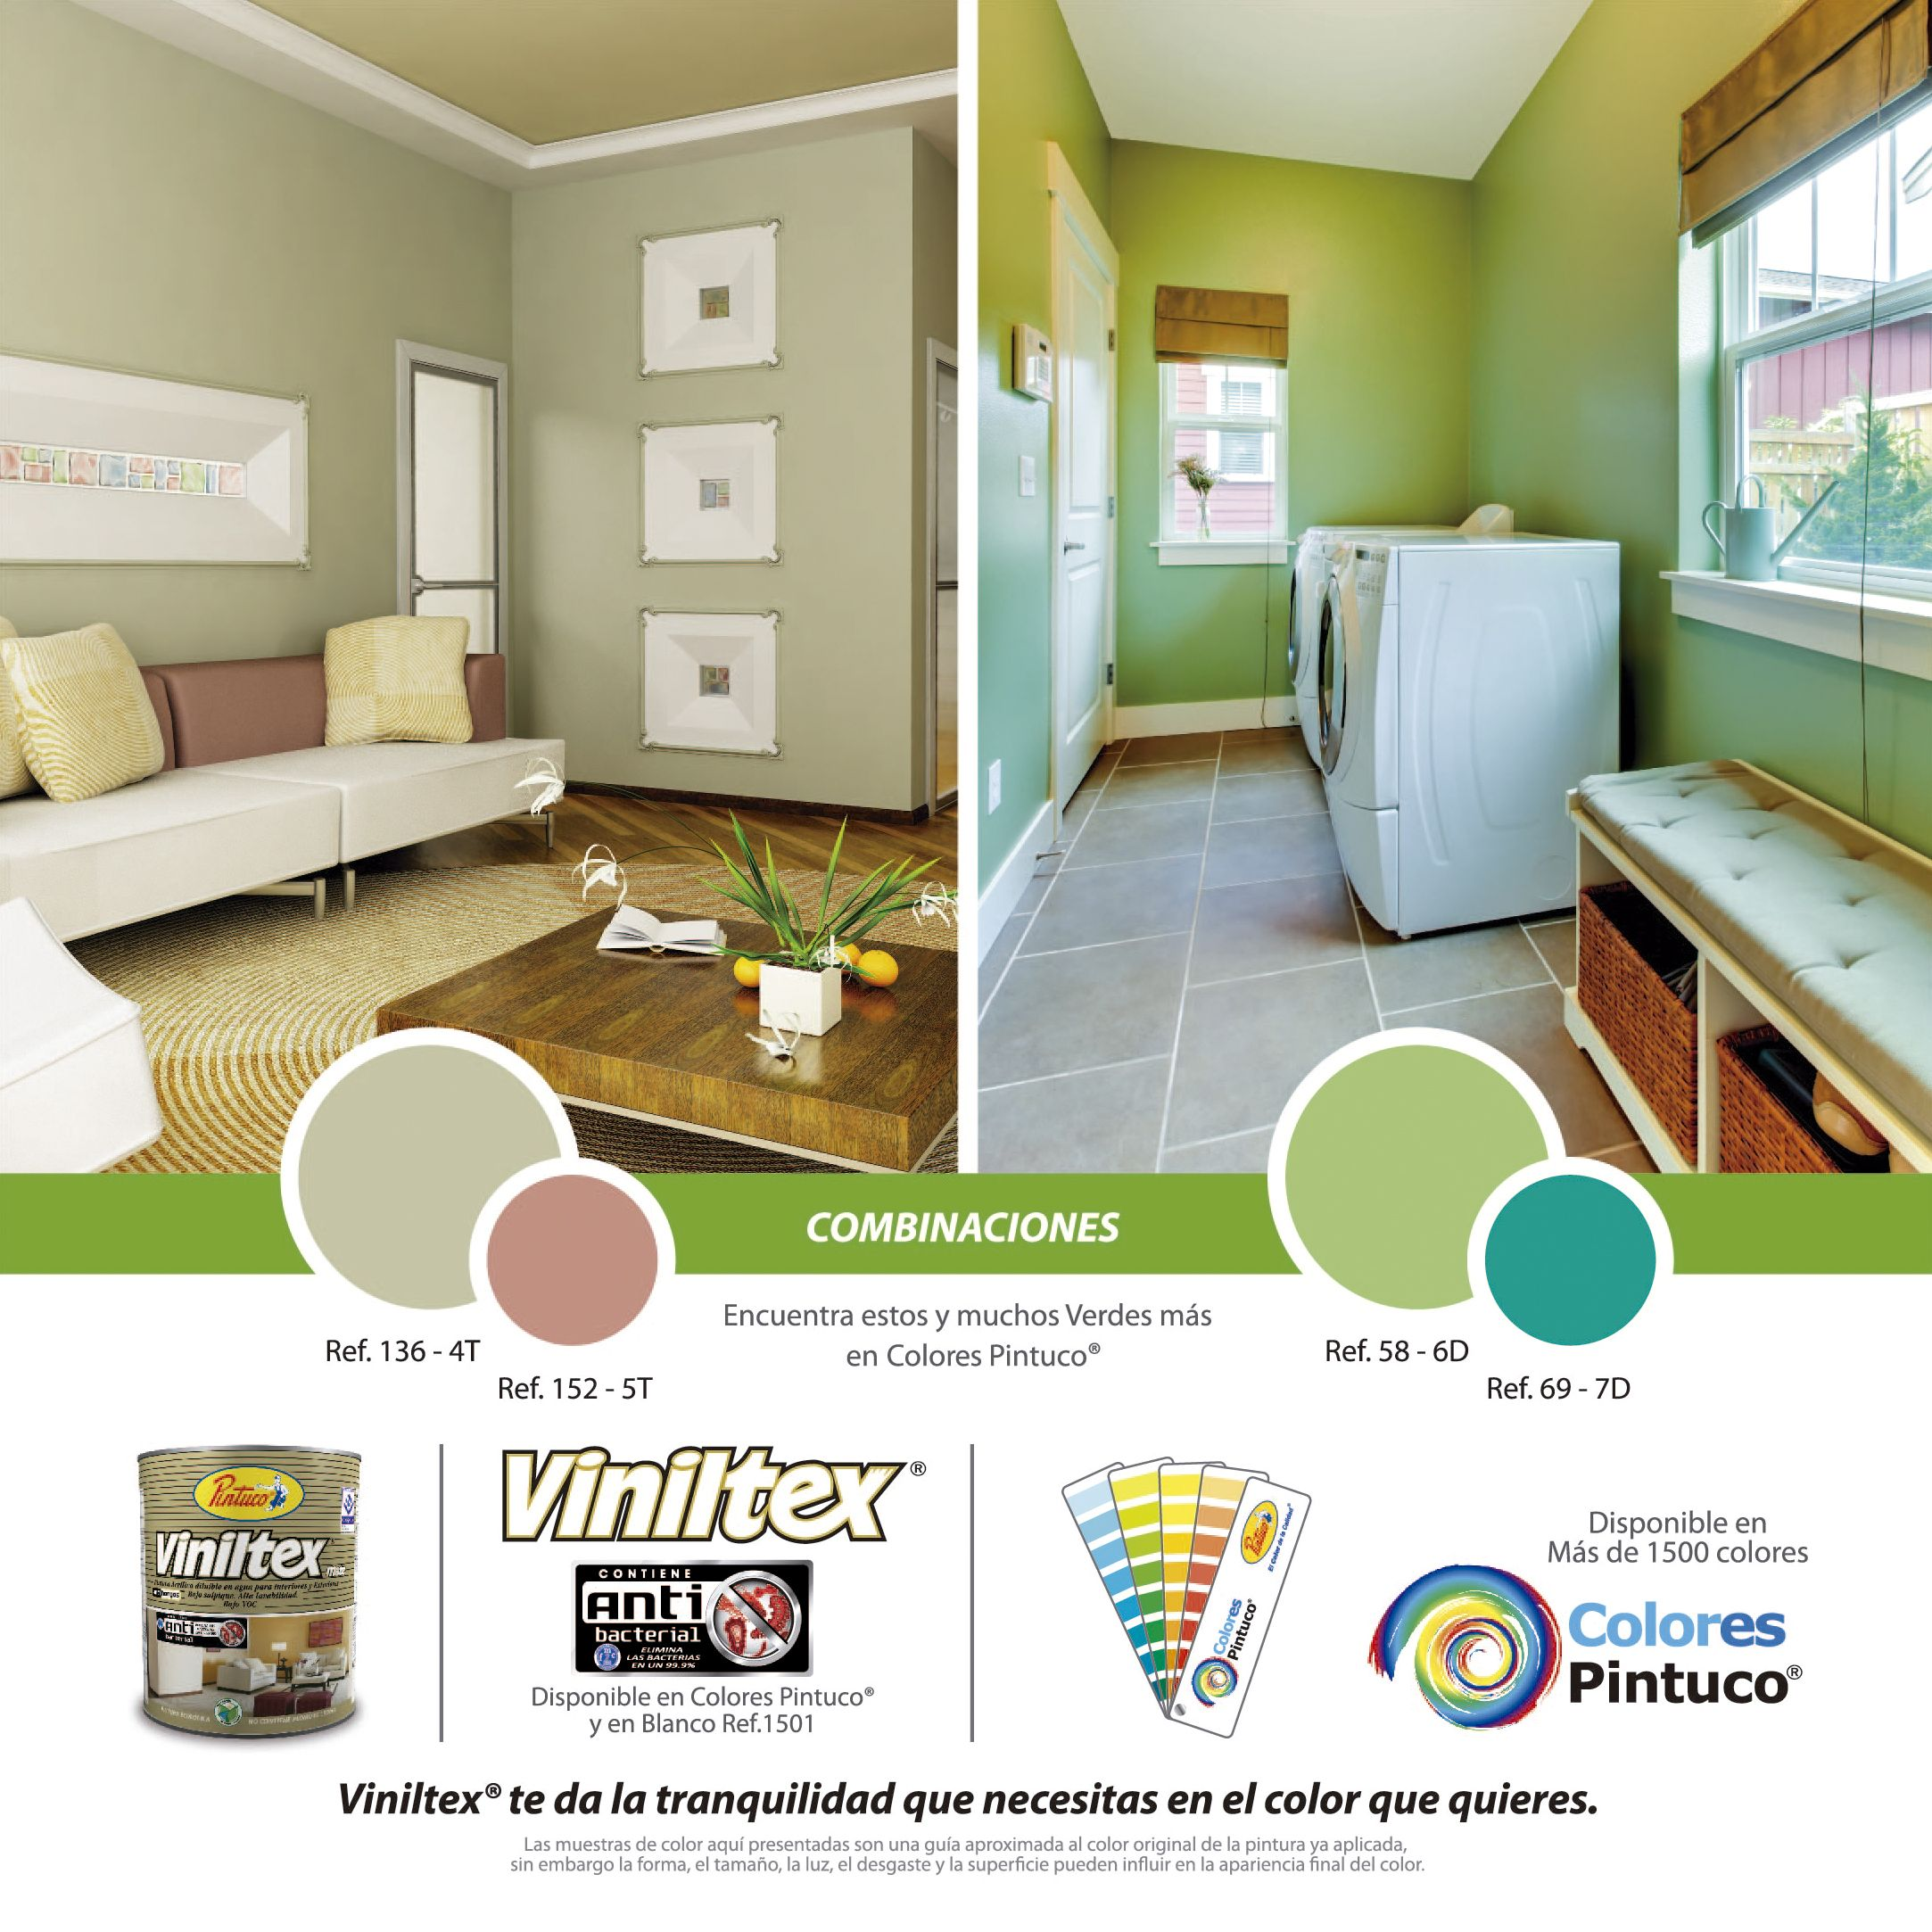 Combinaciones en color verde de viniltes de pintuco for Combinaciones de color verde para interiores